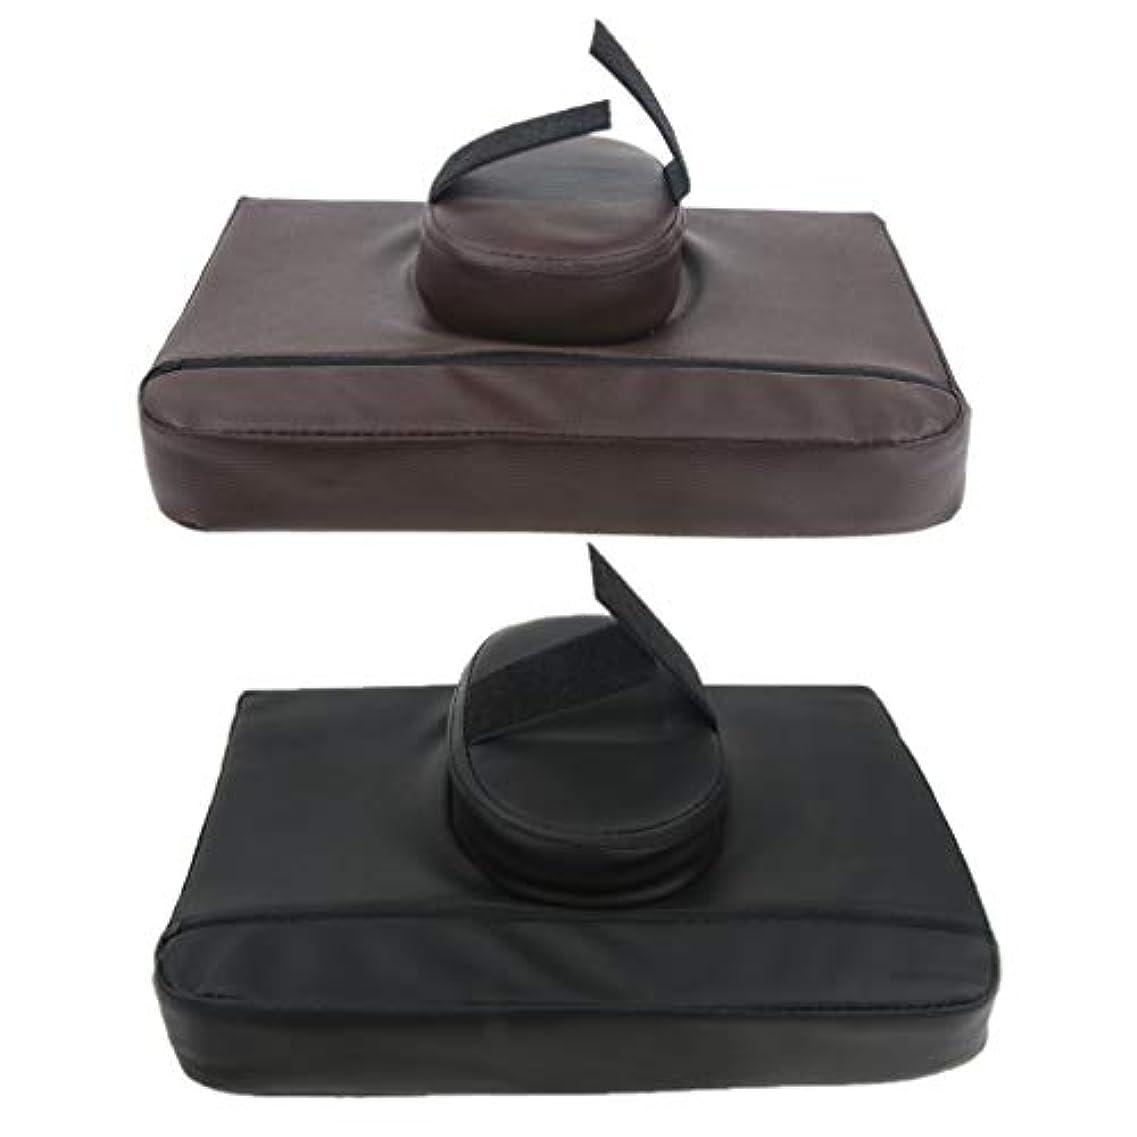 植生散るおかしいF Fityle マッサージ枕 マッサージピロー クッション スクエア マッサージテーブル用 ソフト 快適 2ピース